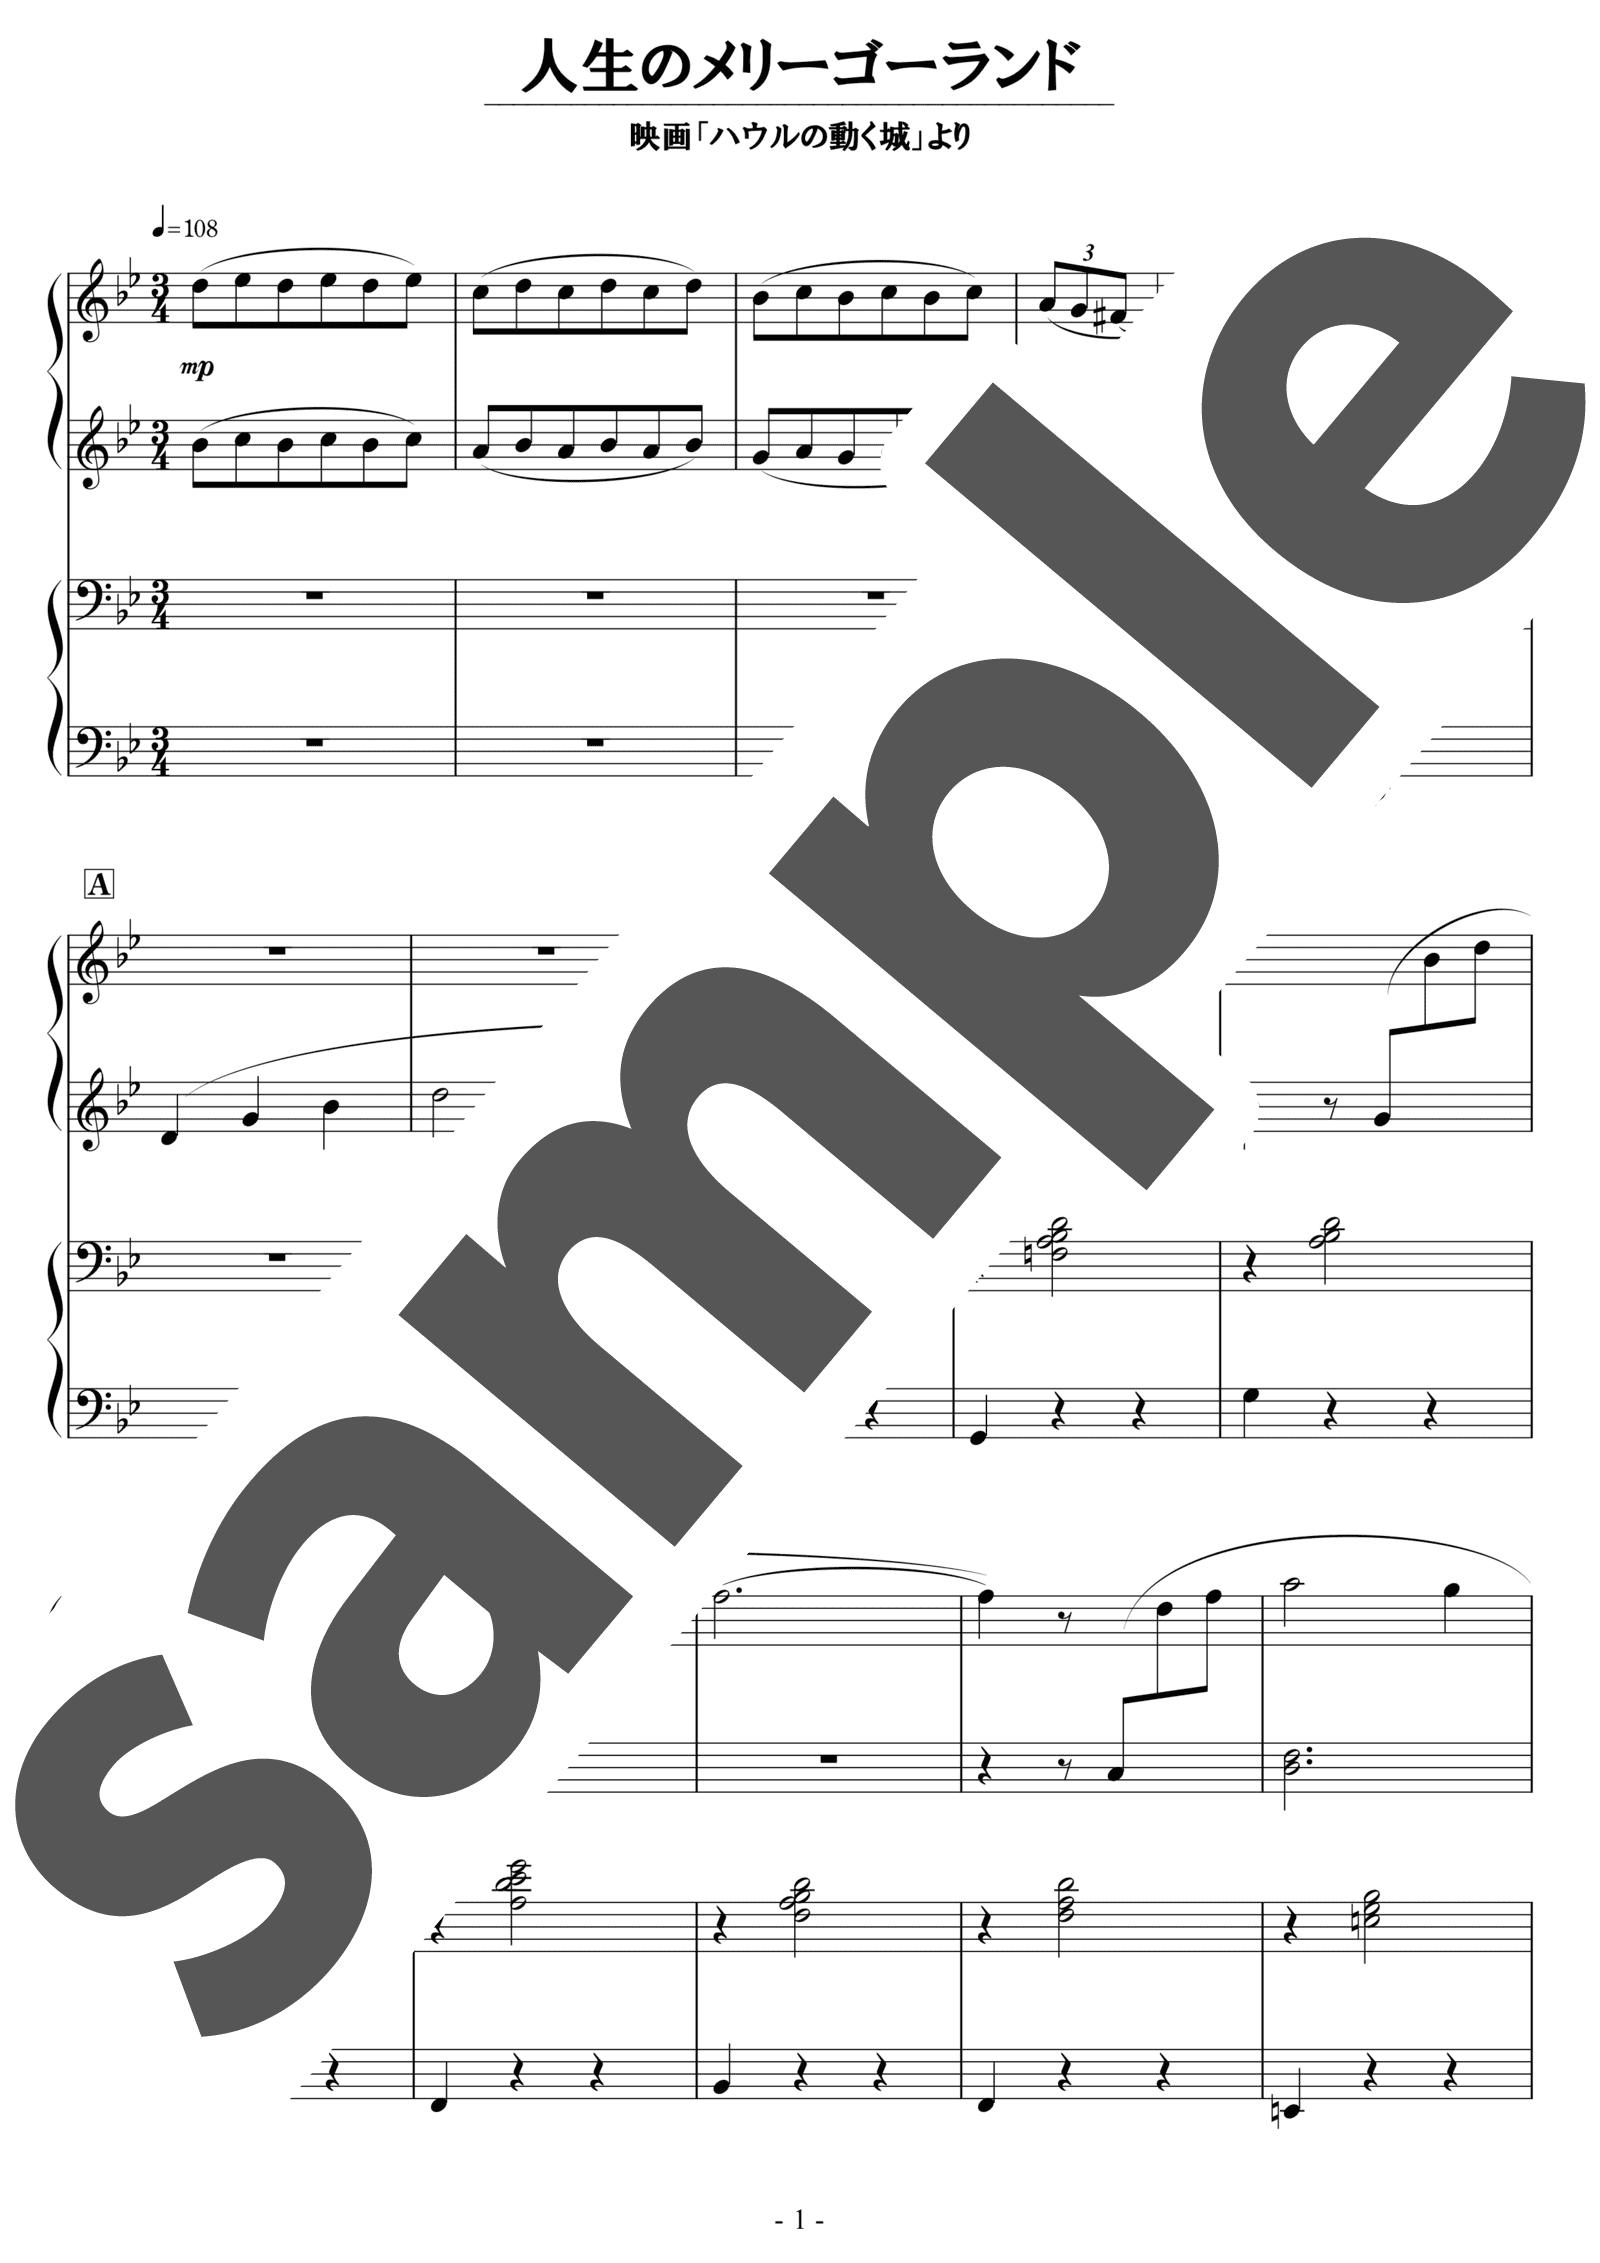 「人生のメリーゴーランド」のサンプル楽譜